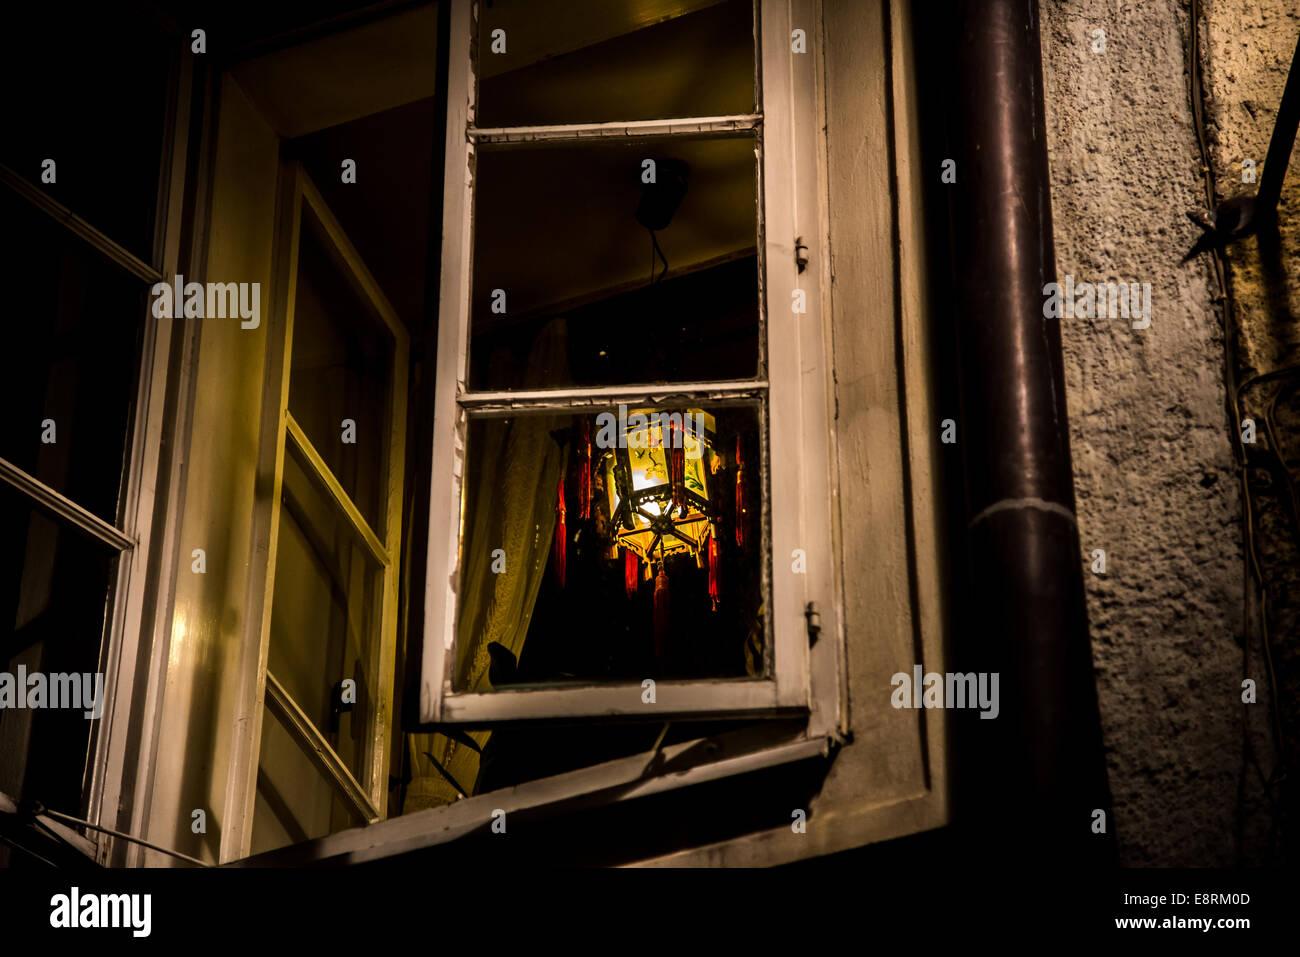 Eine reich verzierte Lampe hängt in einem geöffneten Fenster in einer warmen Nacht. Stockbild